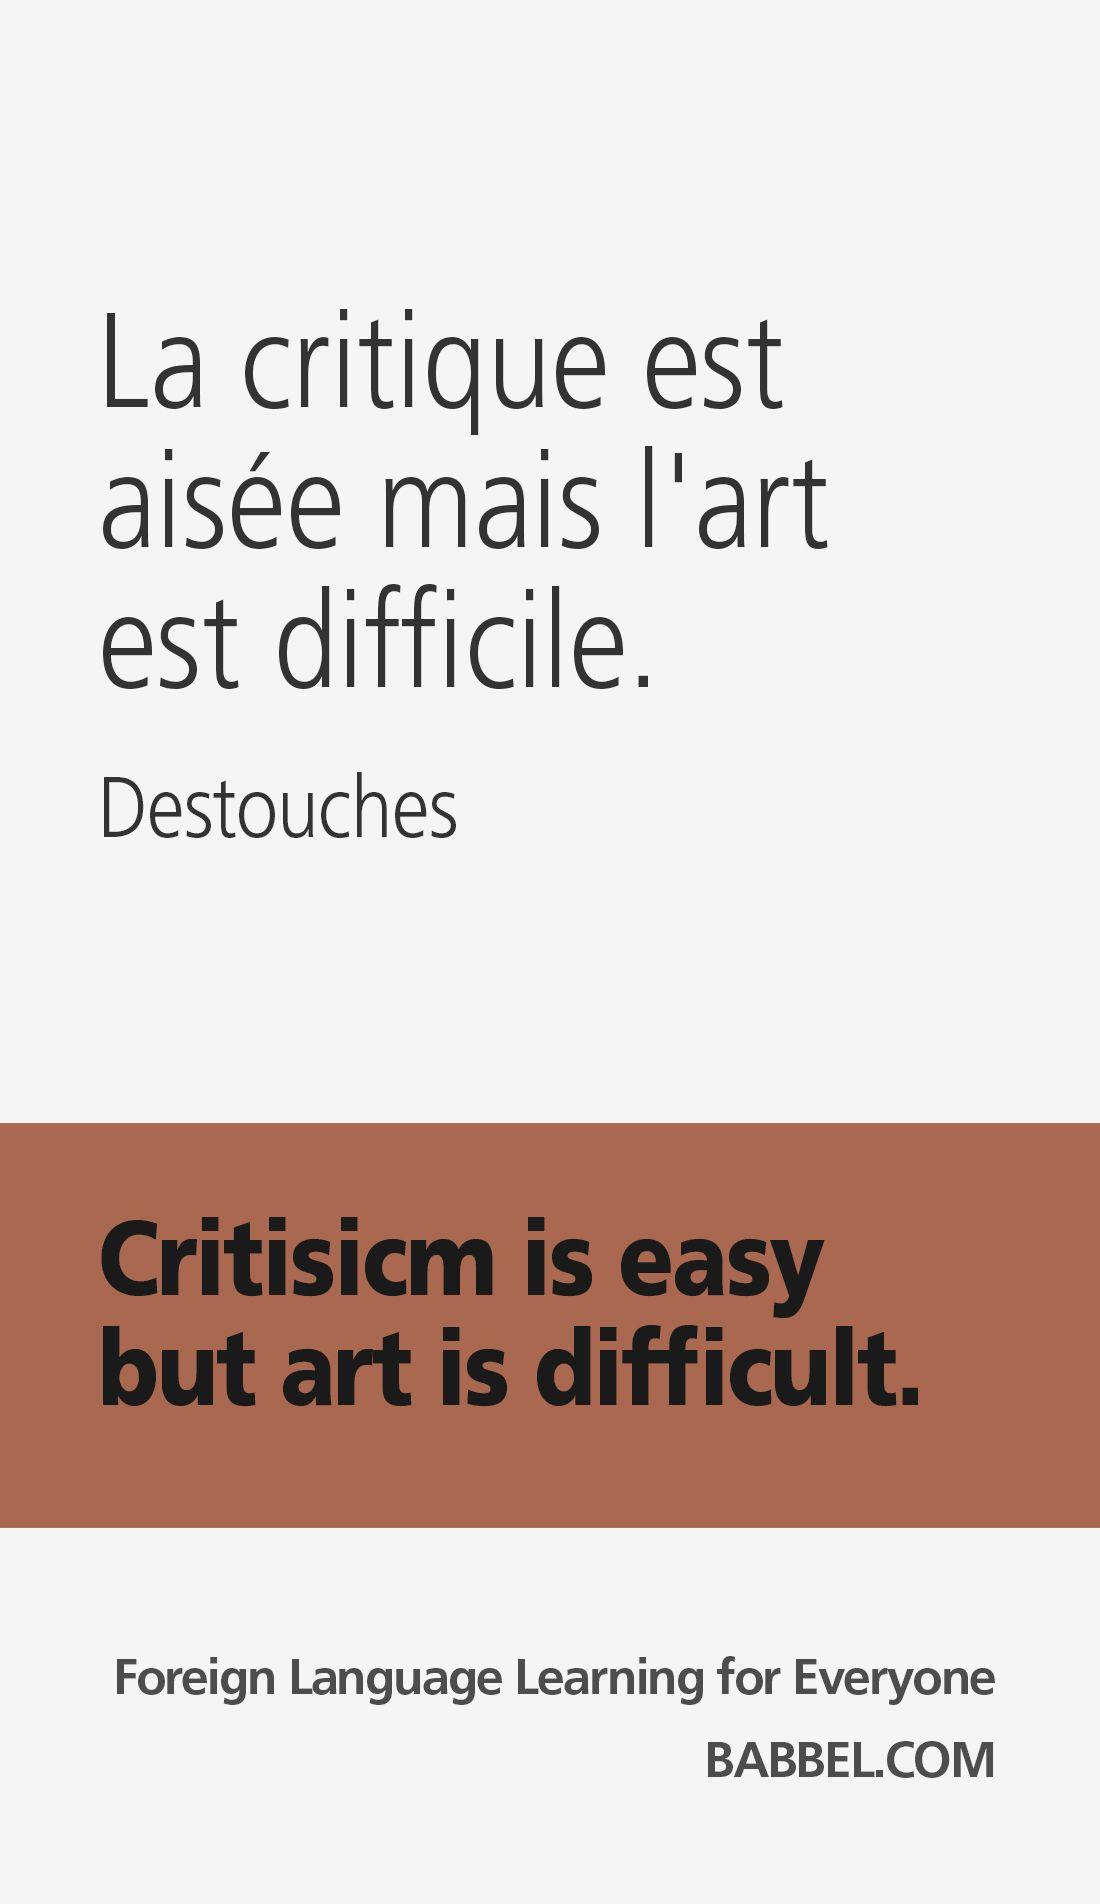 La Critique Est Facile Mais L Art Est Difficile : critique, facile, difficile, Critique, Aisée, L'art, Difficile., Destouches, Critisicm, Difficult., French-English, Qu…, Citations, Film,, Critiques,, Citation